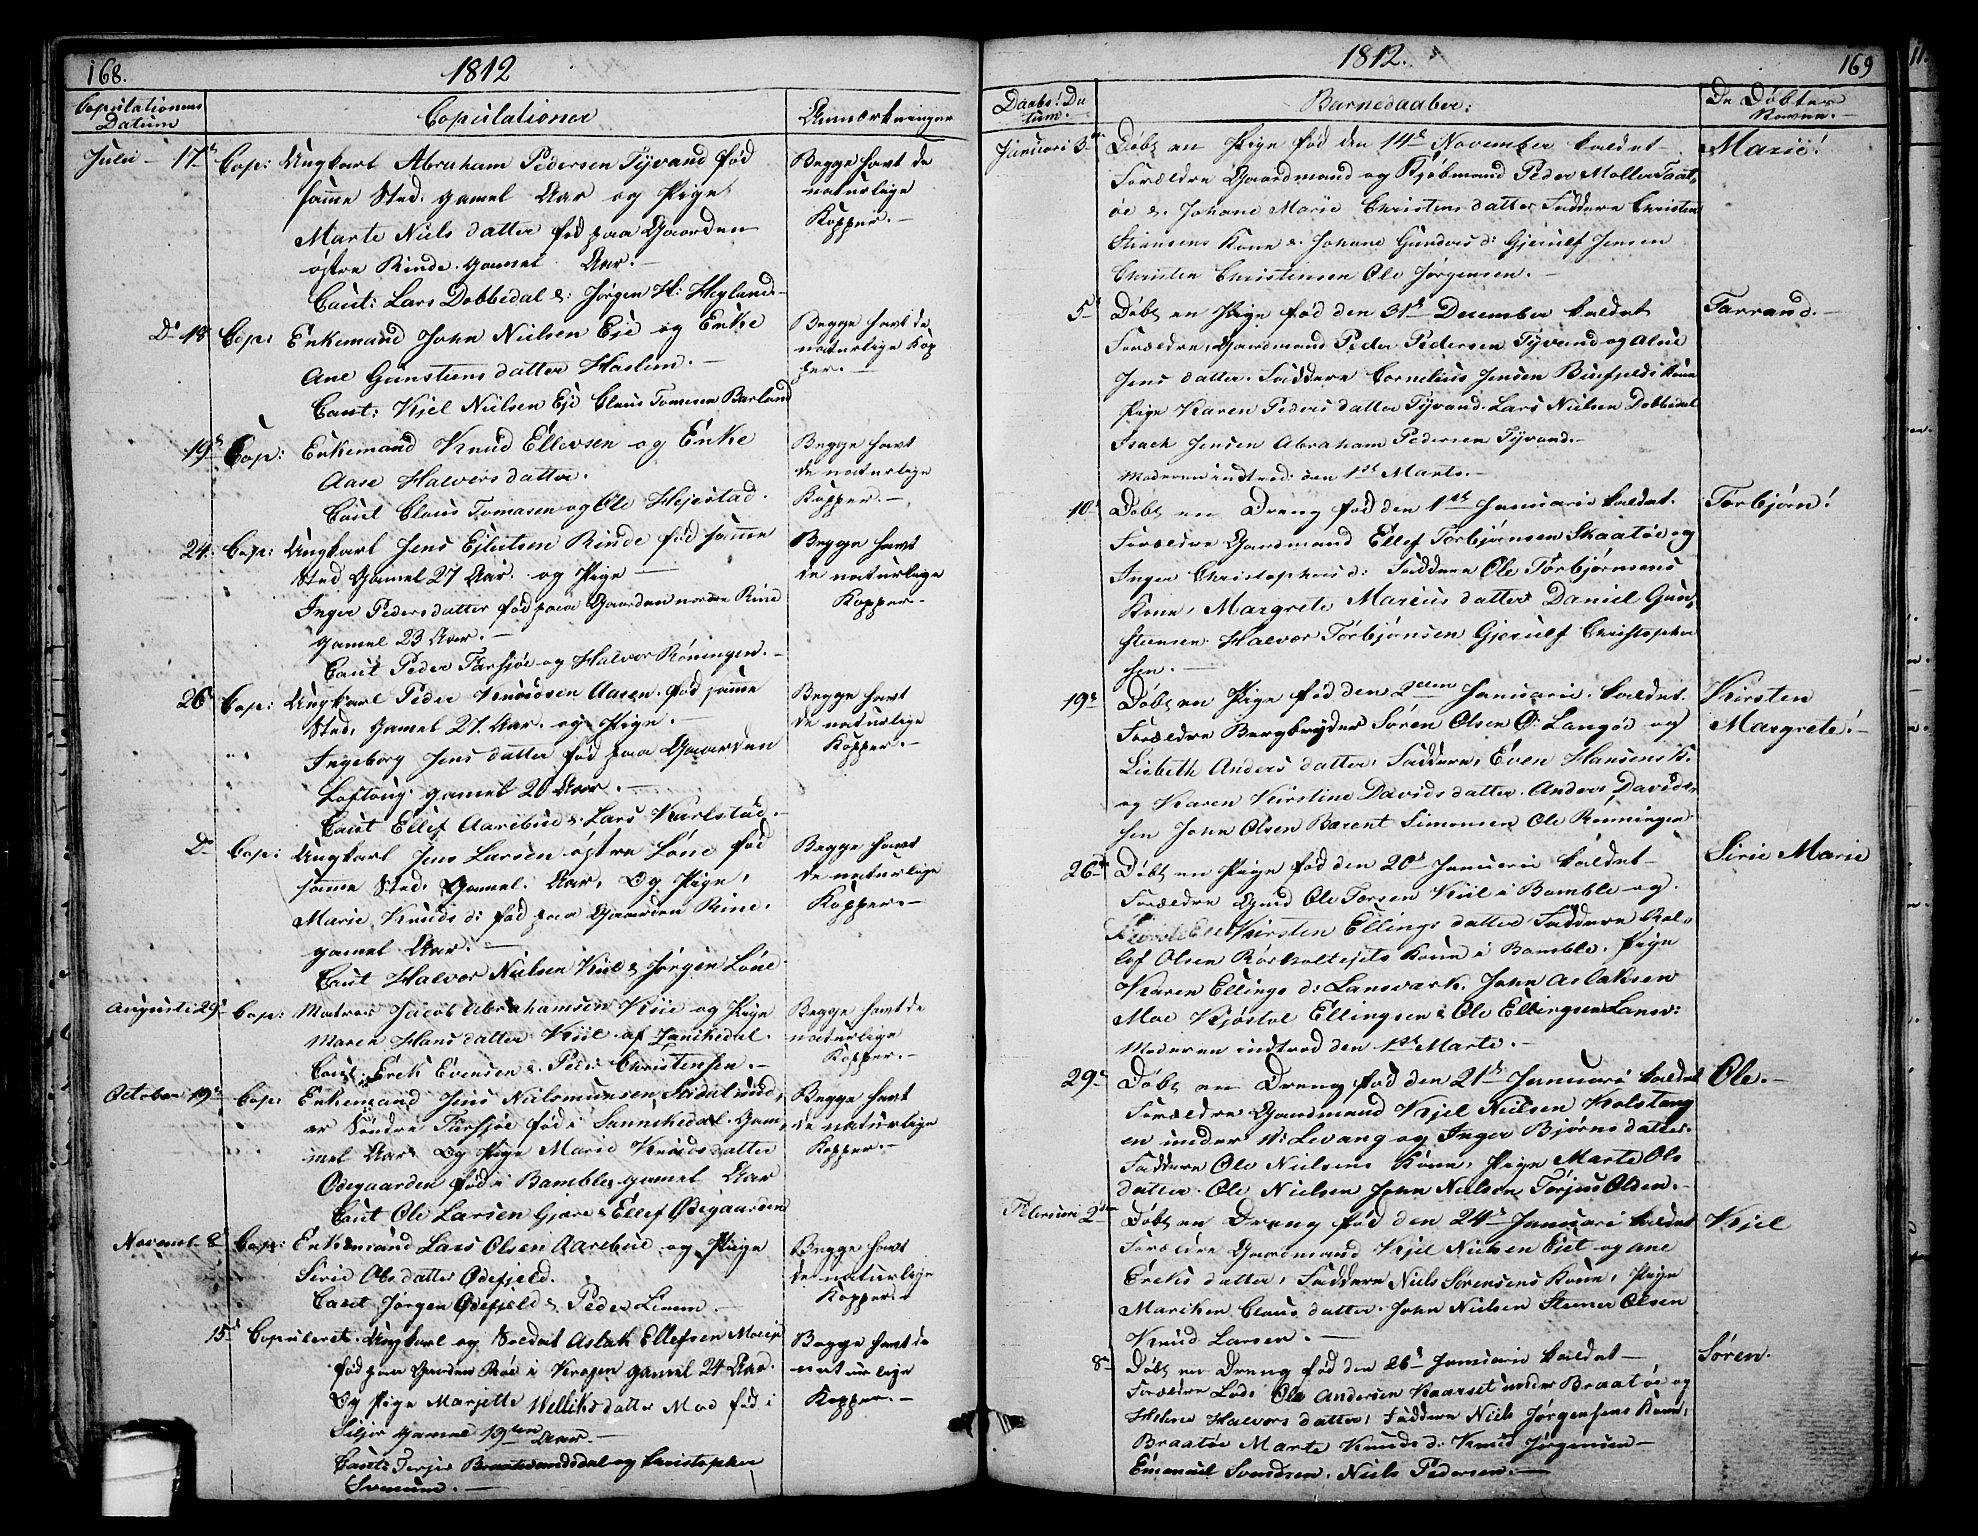 SAKO, Sannidal kirkebøker, F/Fa/L0003: Ministerialbok nr. 3, 1803-1813, s. 168-169